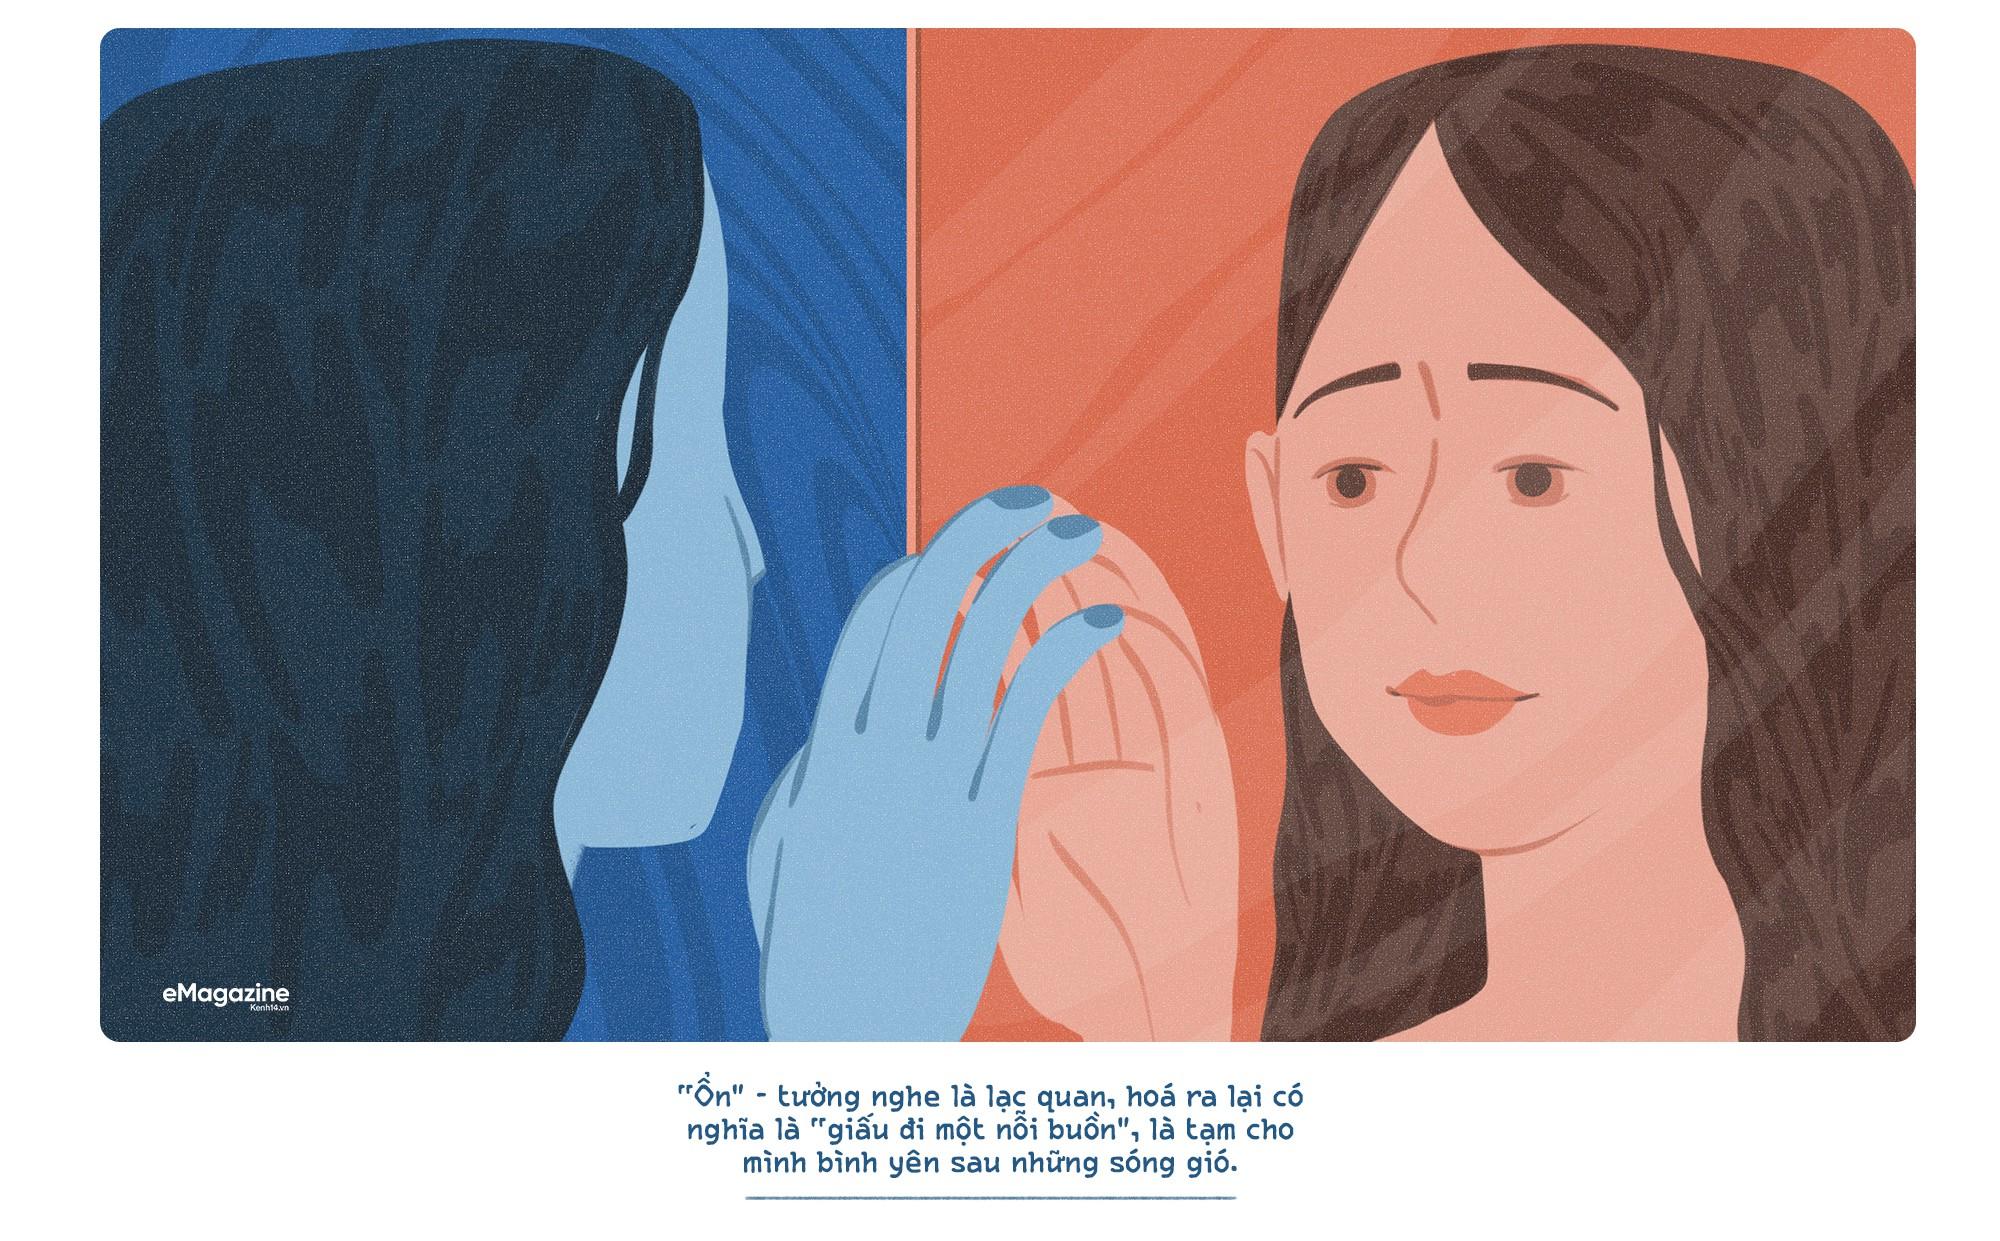 Chúng ta rồi sẽ ổn thôi - Không phải là chấm dứt hết nỗi đau, mà là tạm cho mình bình yên sau những giông bão - Ảnh 2.